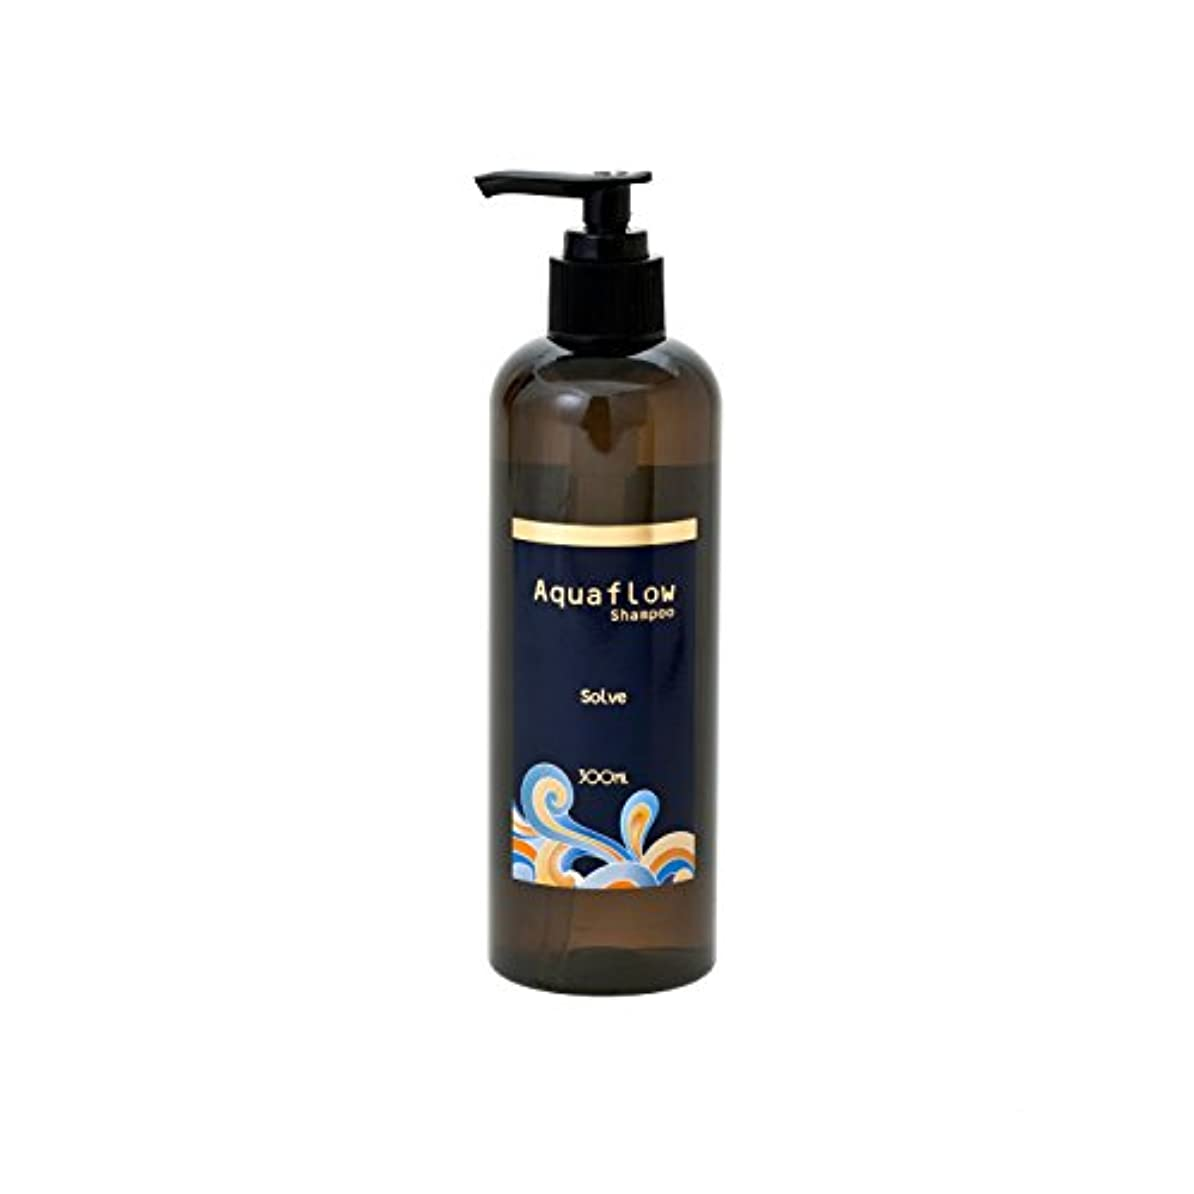 サワー困惑不和縮毛矯正した髪?カラーの繰り返しで大きくダメージした髪用シャンプーAquaflow「栄養そのもので洗うsolve」ソルブシャンプー アクアフロー (300ml)